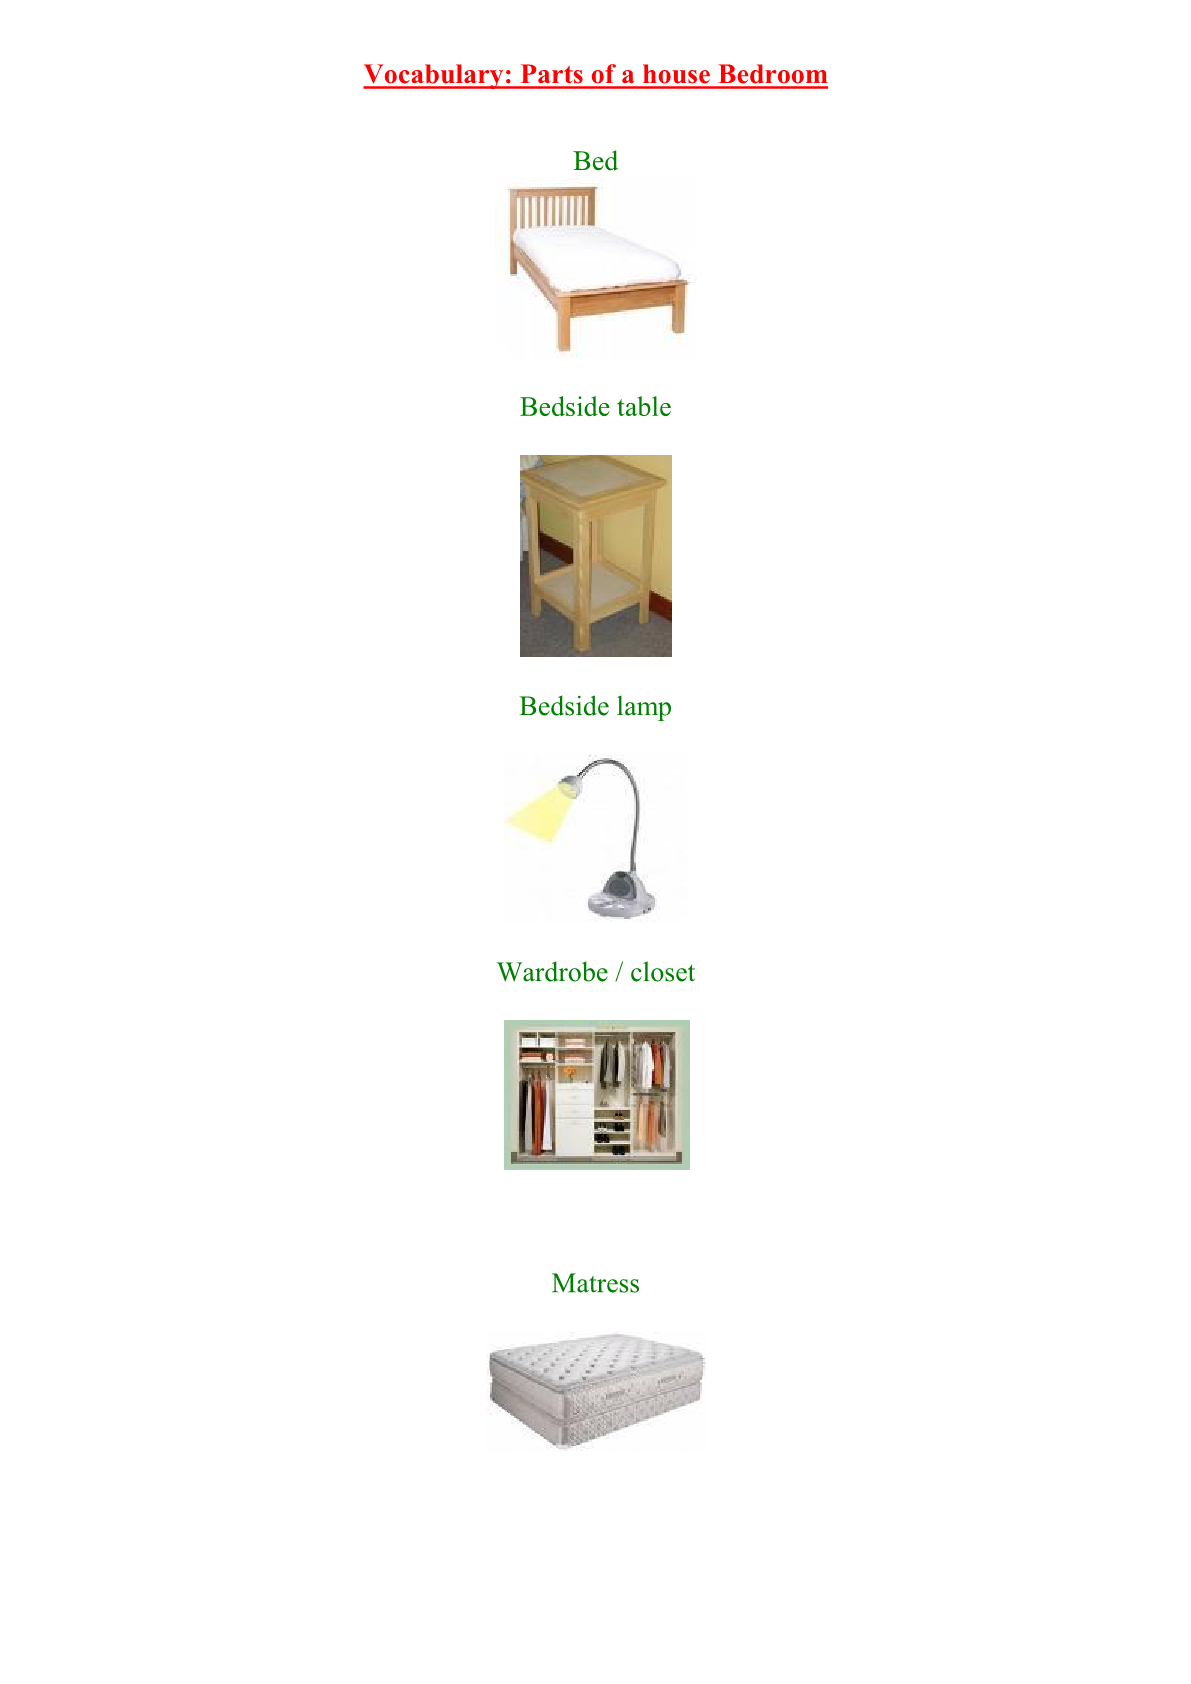 درس Vocabulary: house Bedroom